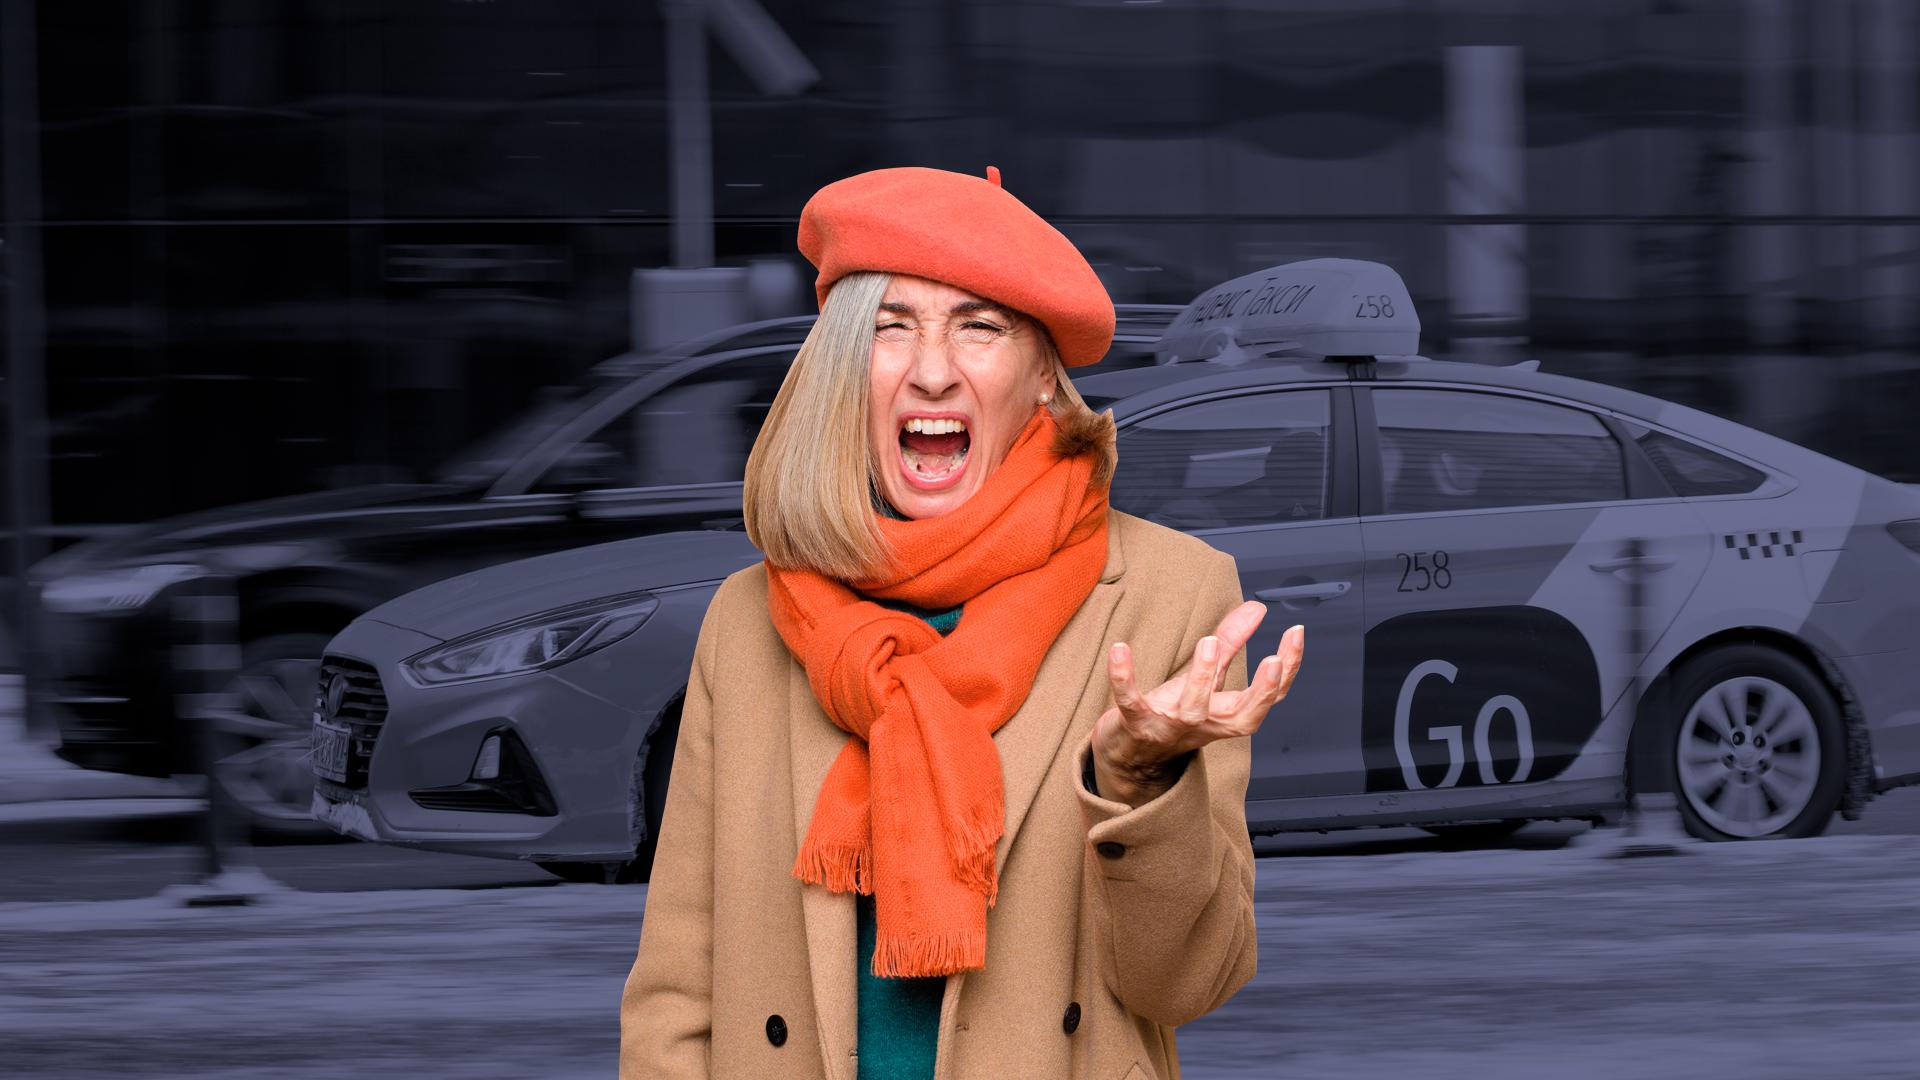 Цена ожидания: клиенты 'Яндекс.Такси' жалуются на водителей-курьеров, которые накручивают стоимость заказов